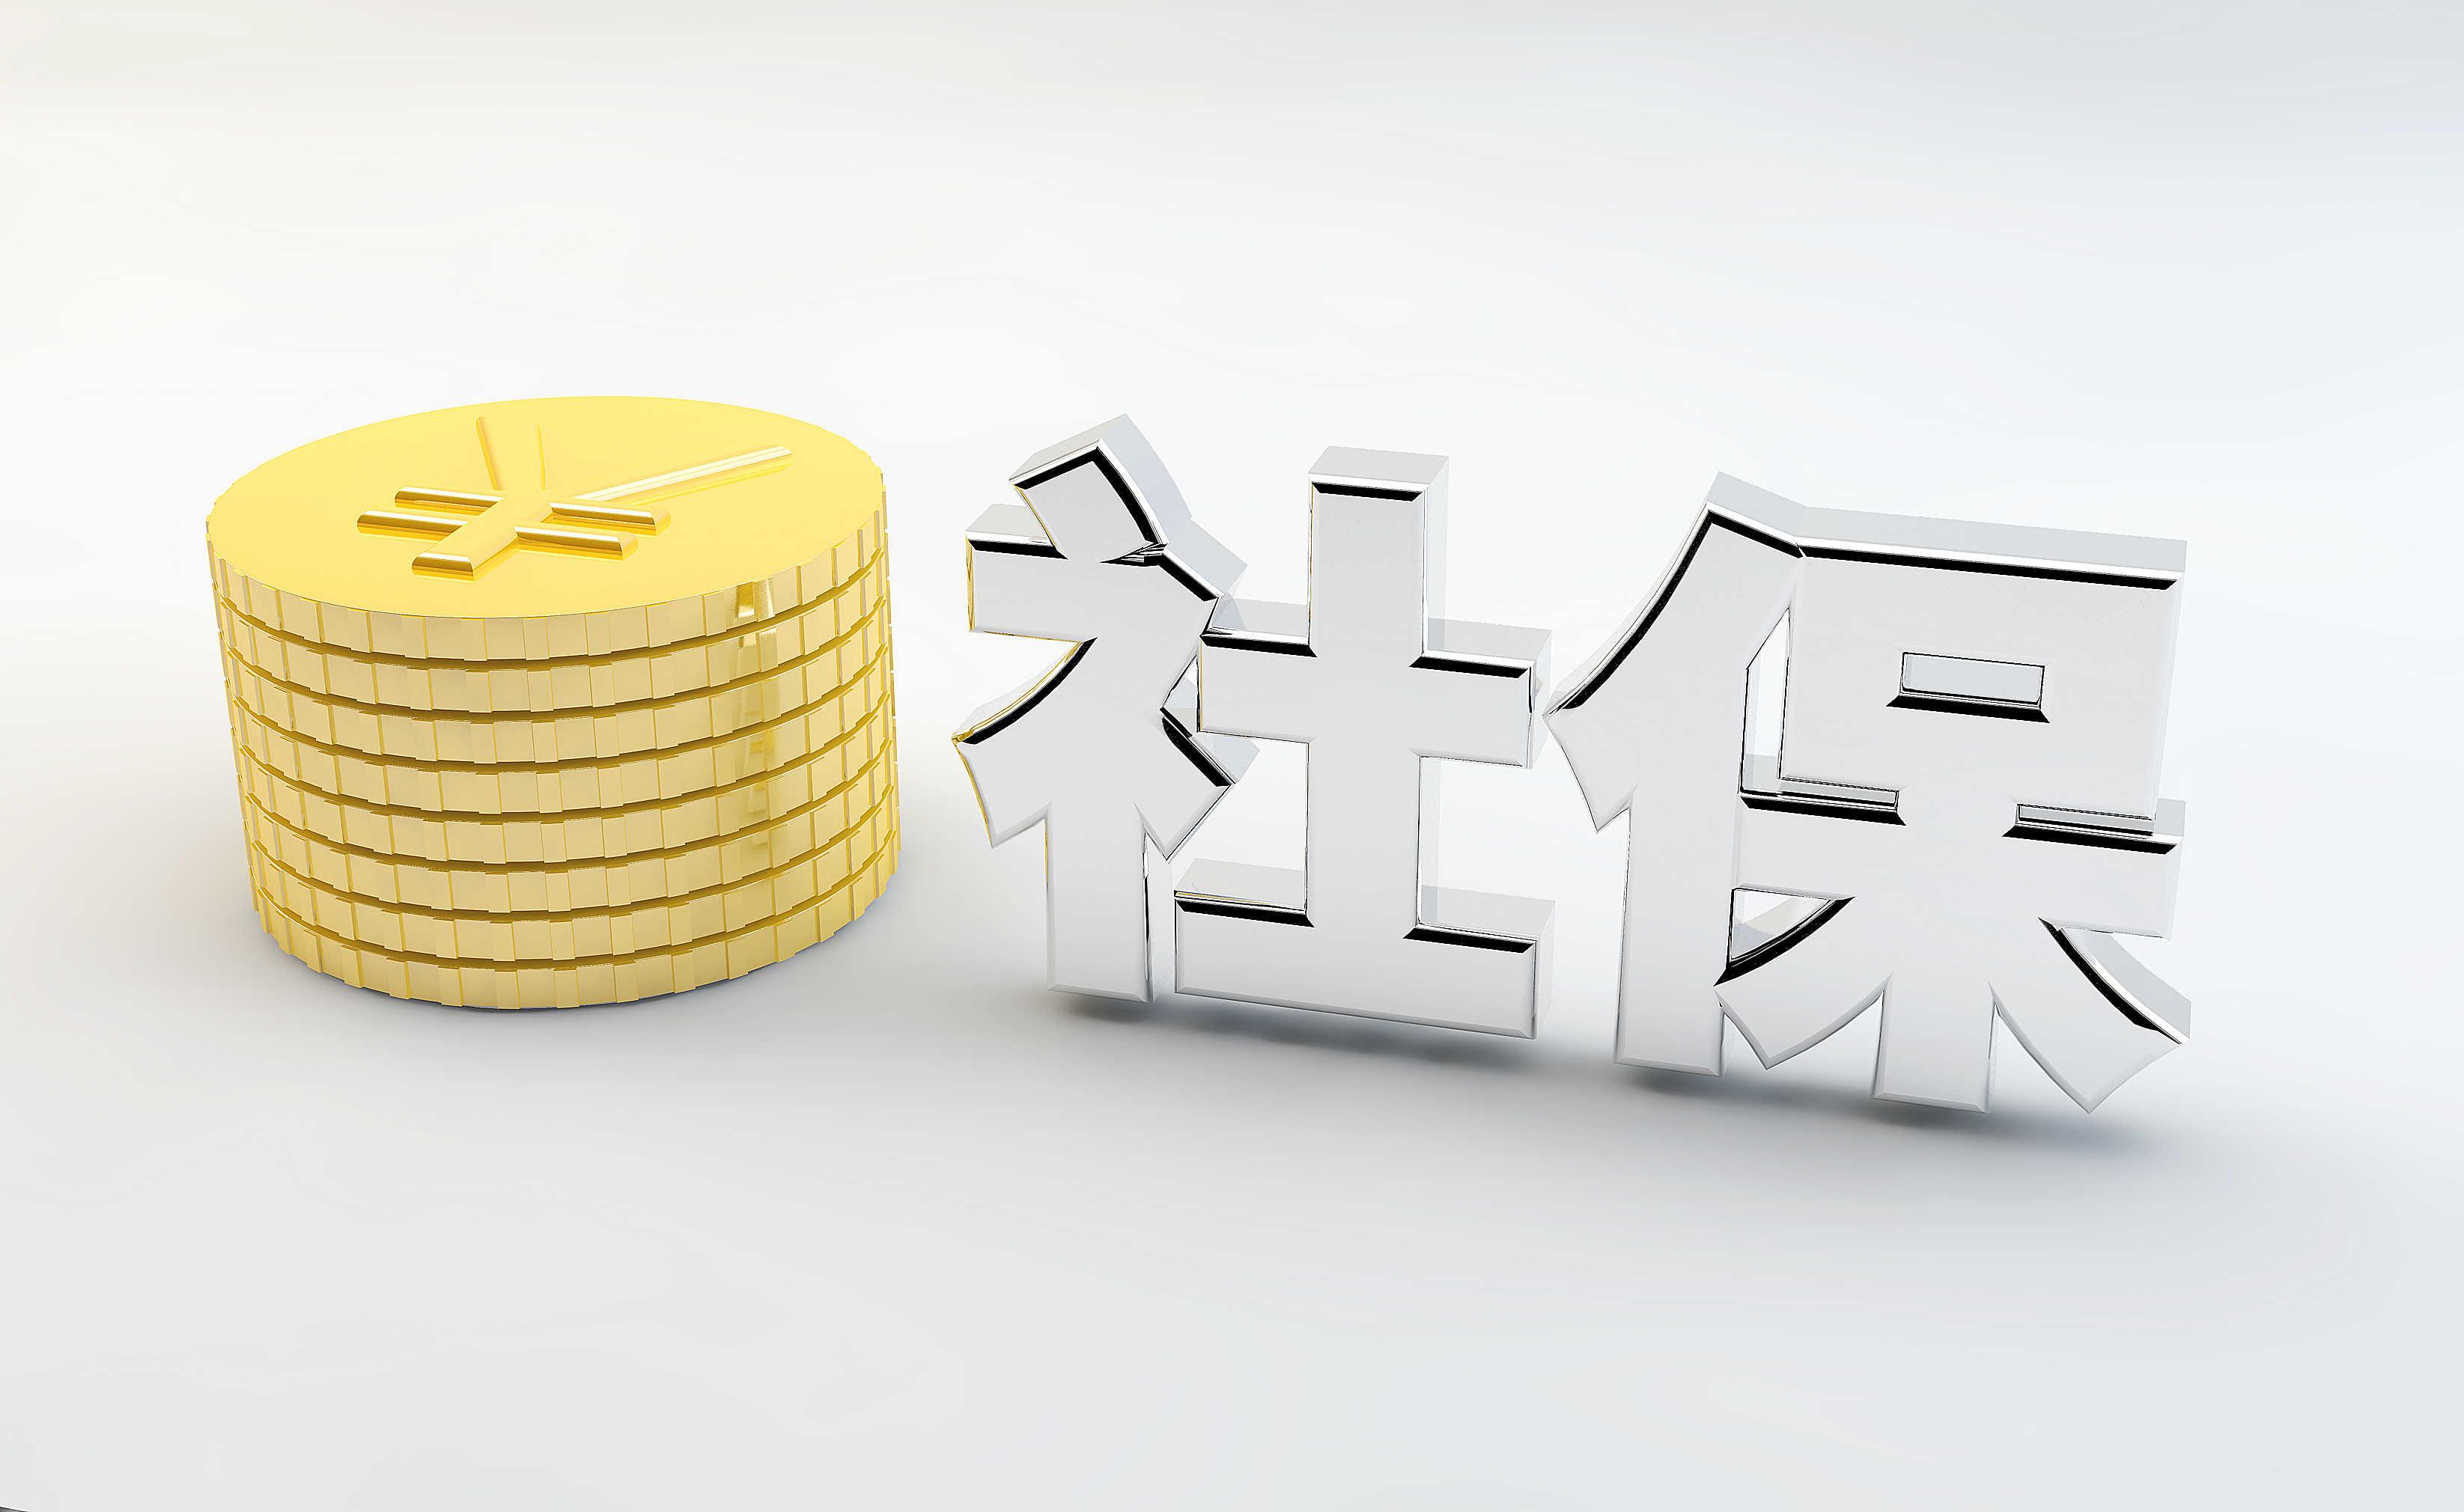 企业社保代缴每月要多少钱,代办社保的公司,代办社保